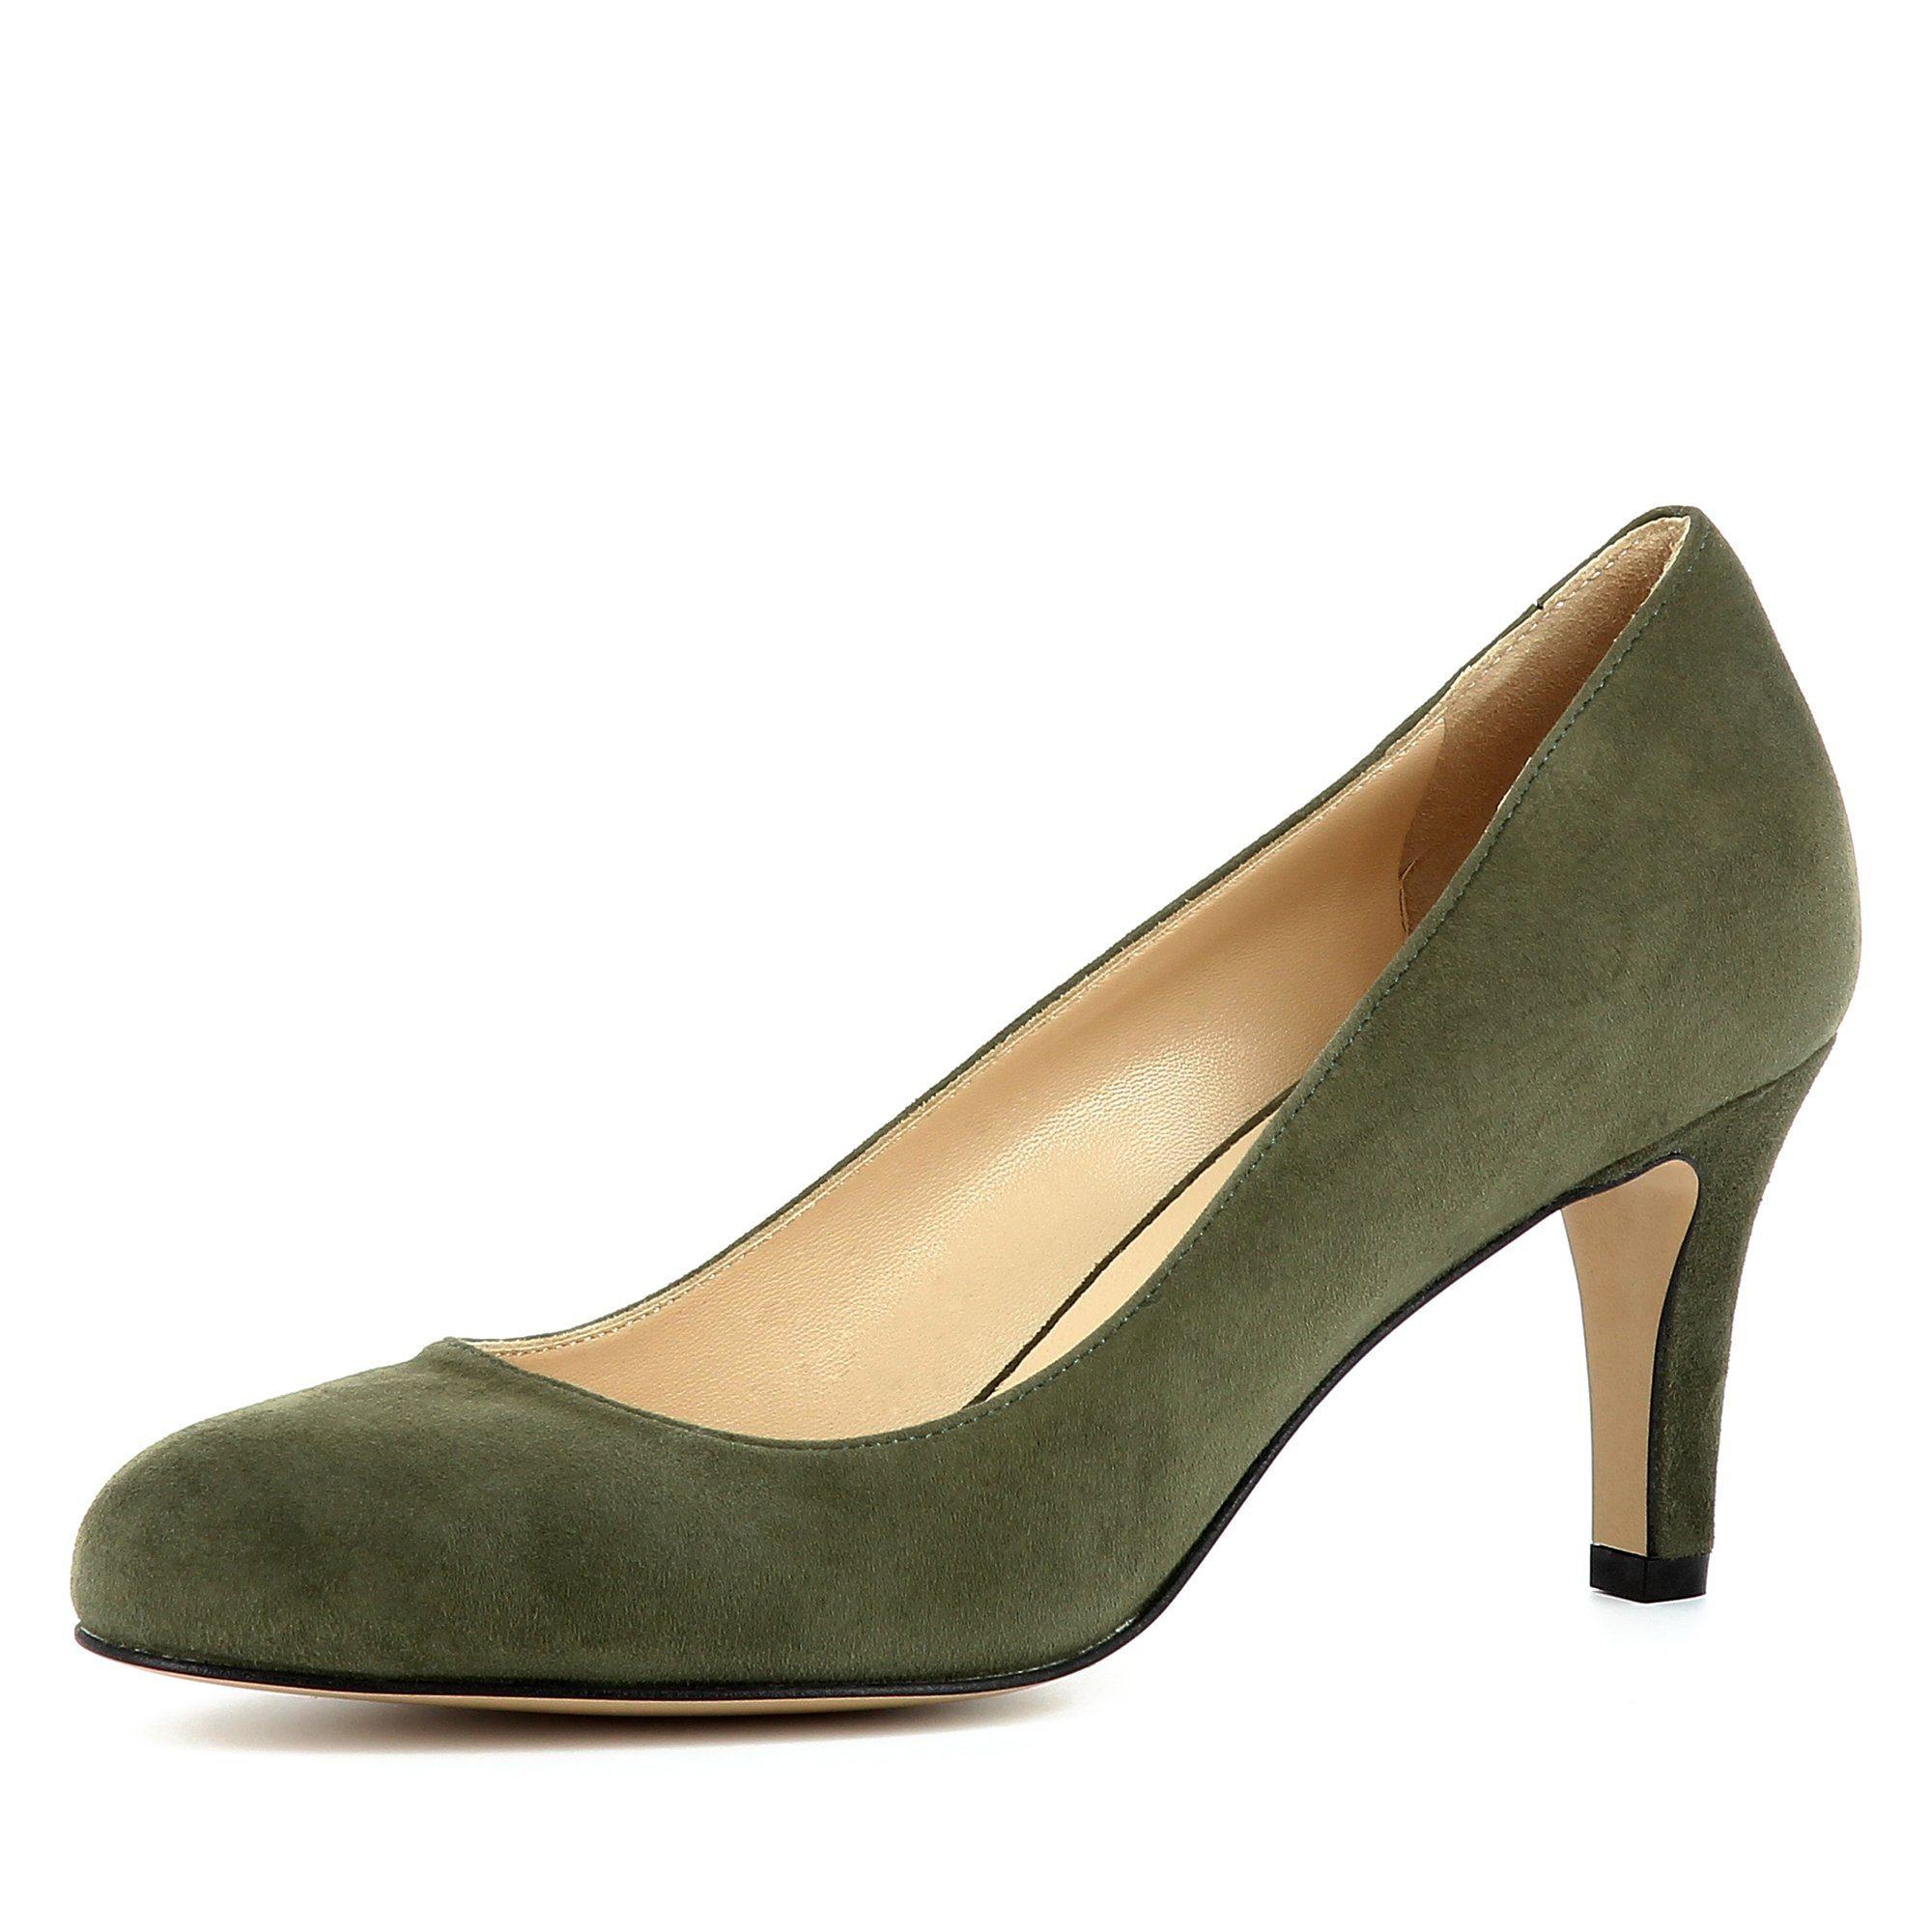 Evita BIANCA Pumps online kaufen  grün